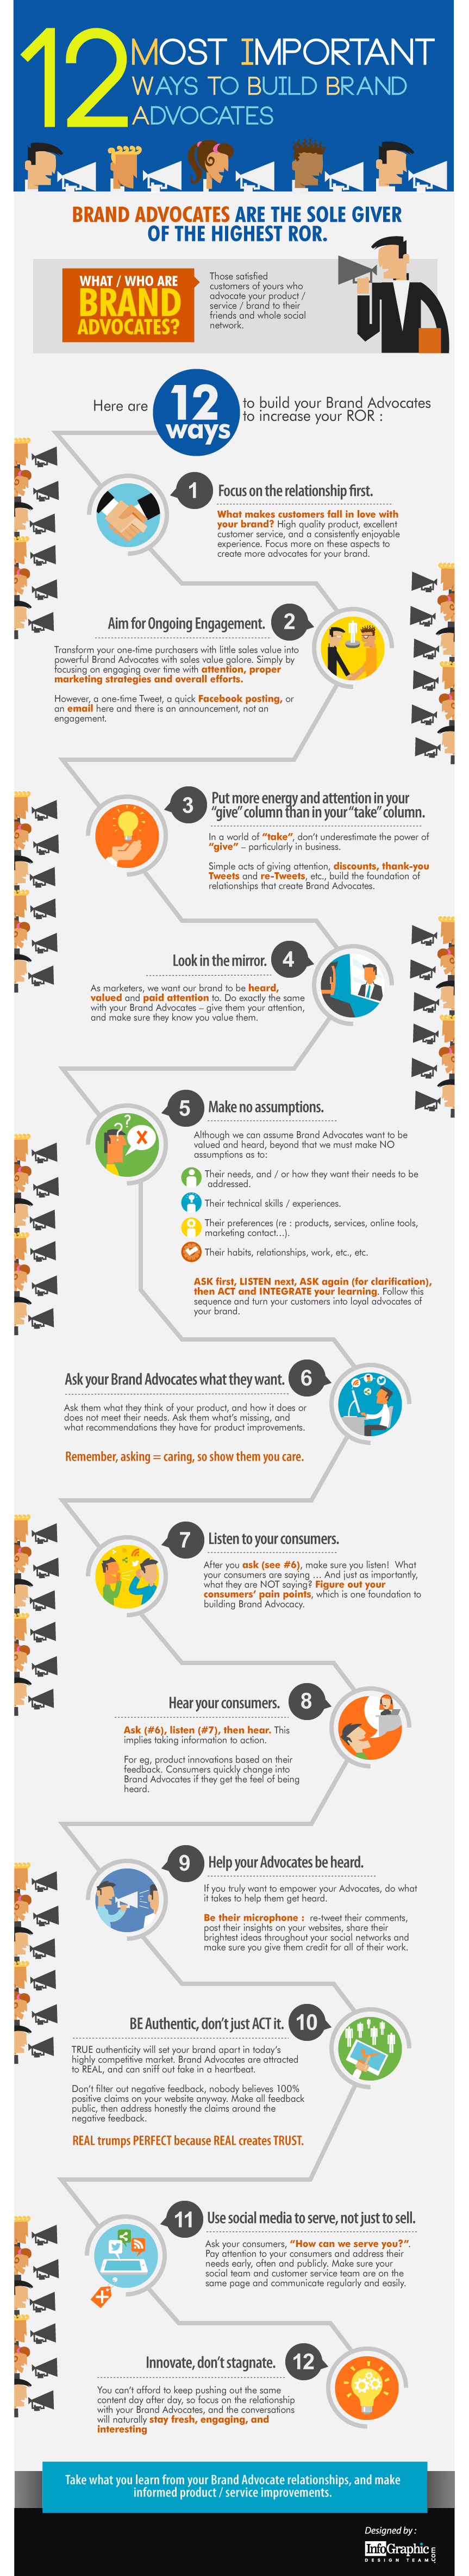 BrandAdvocates Infographic 5.10.14